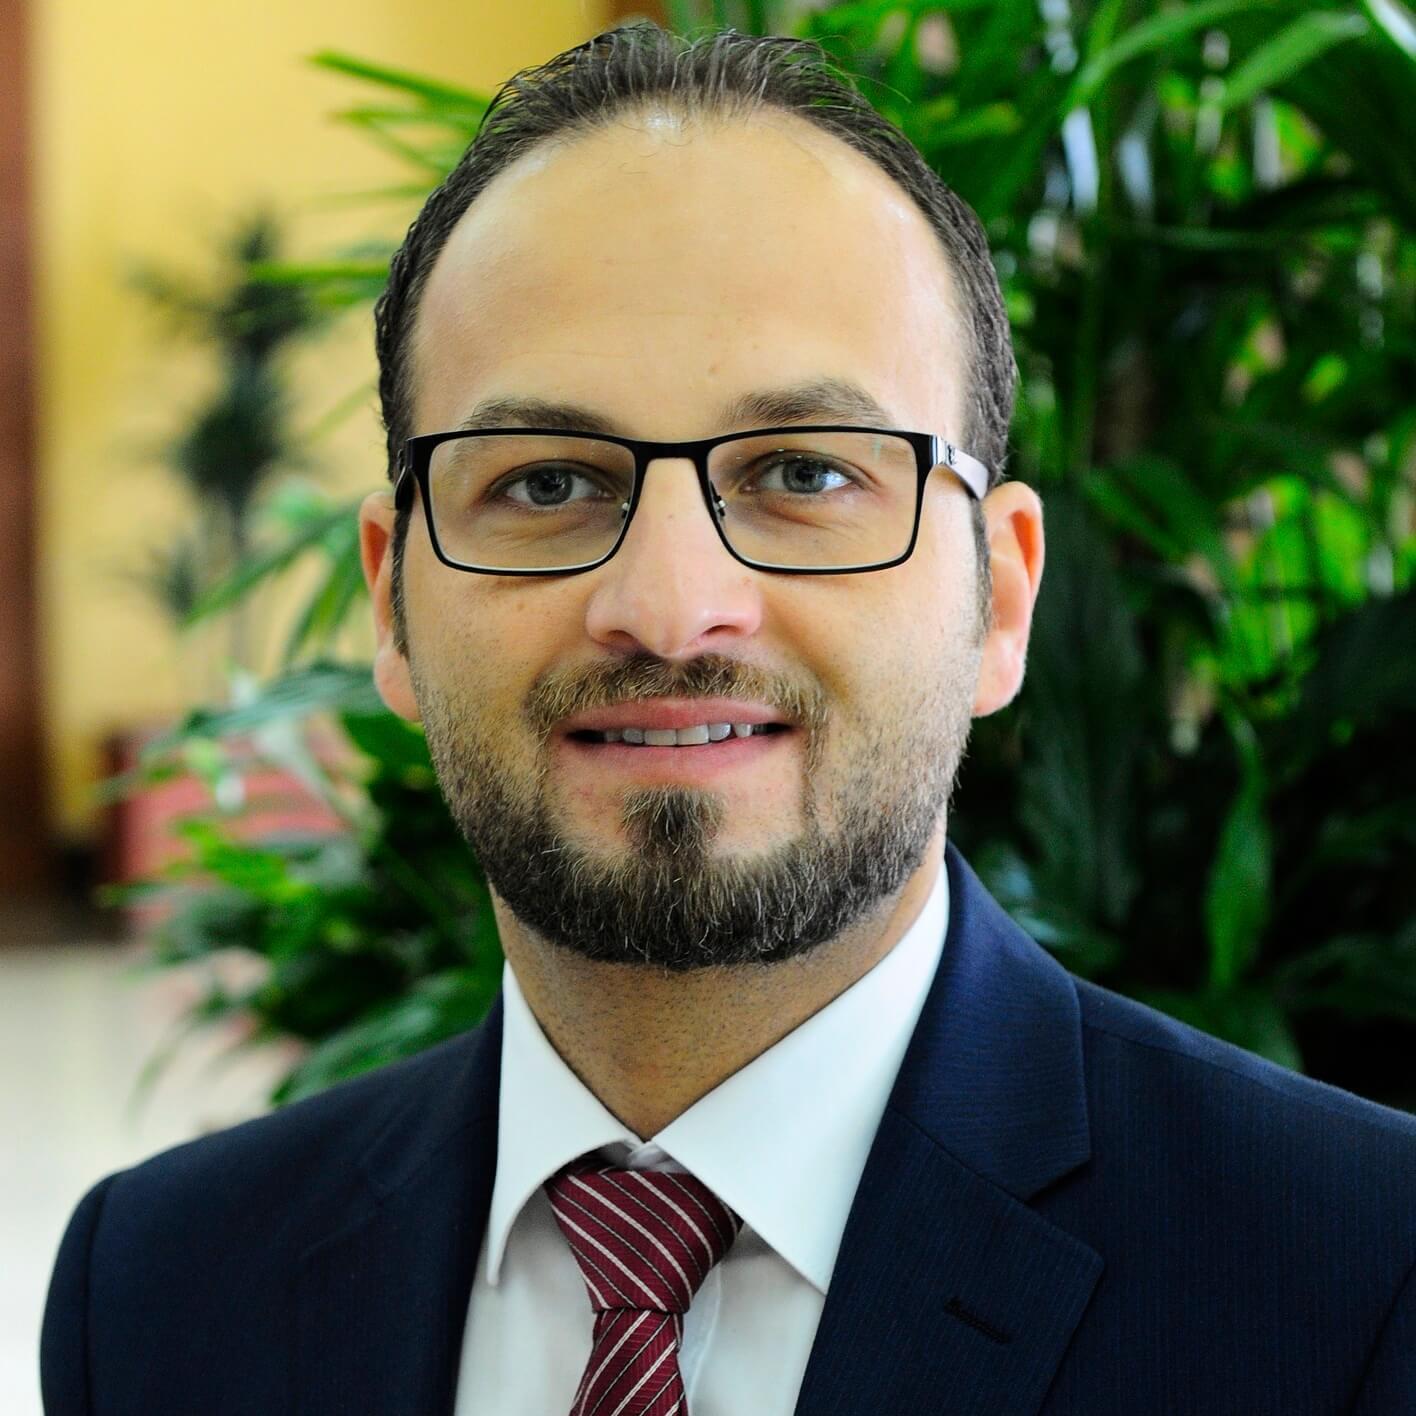 Mr. Bassam Murra